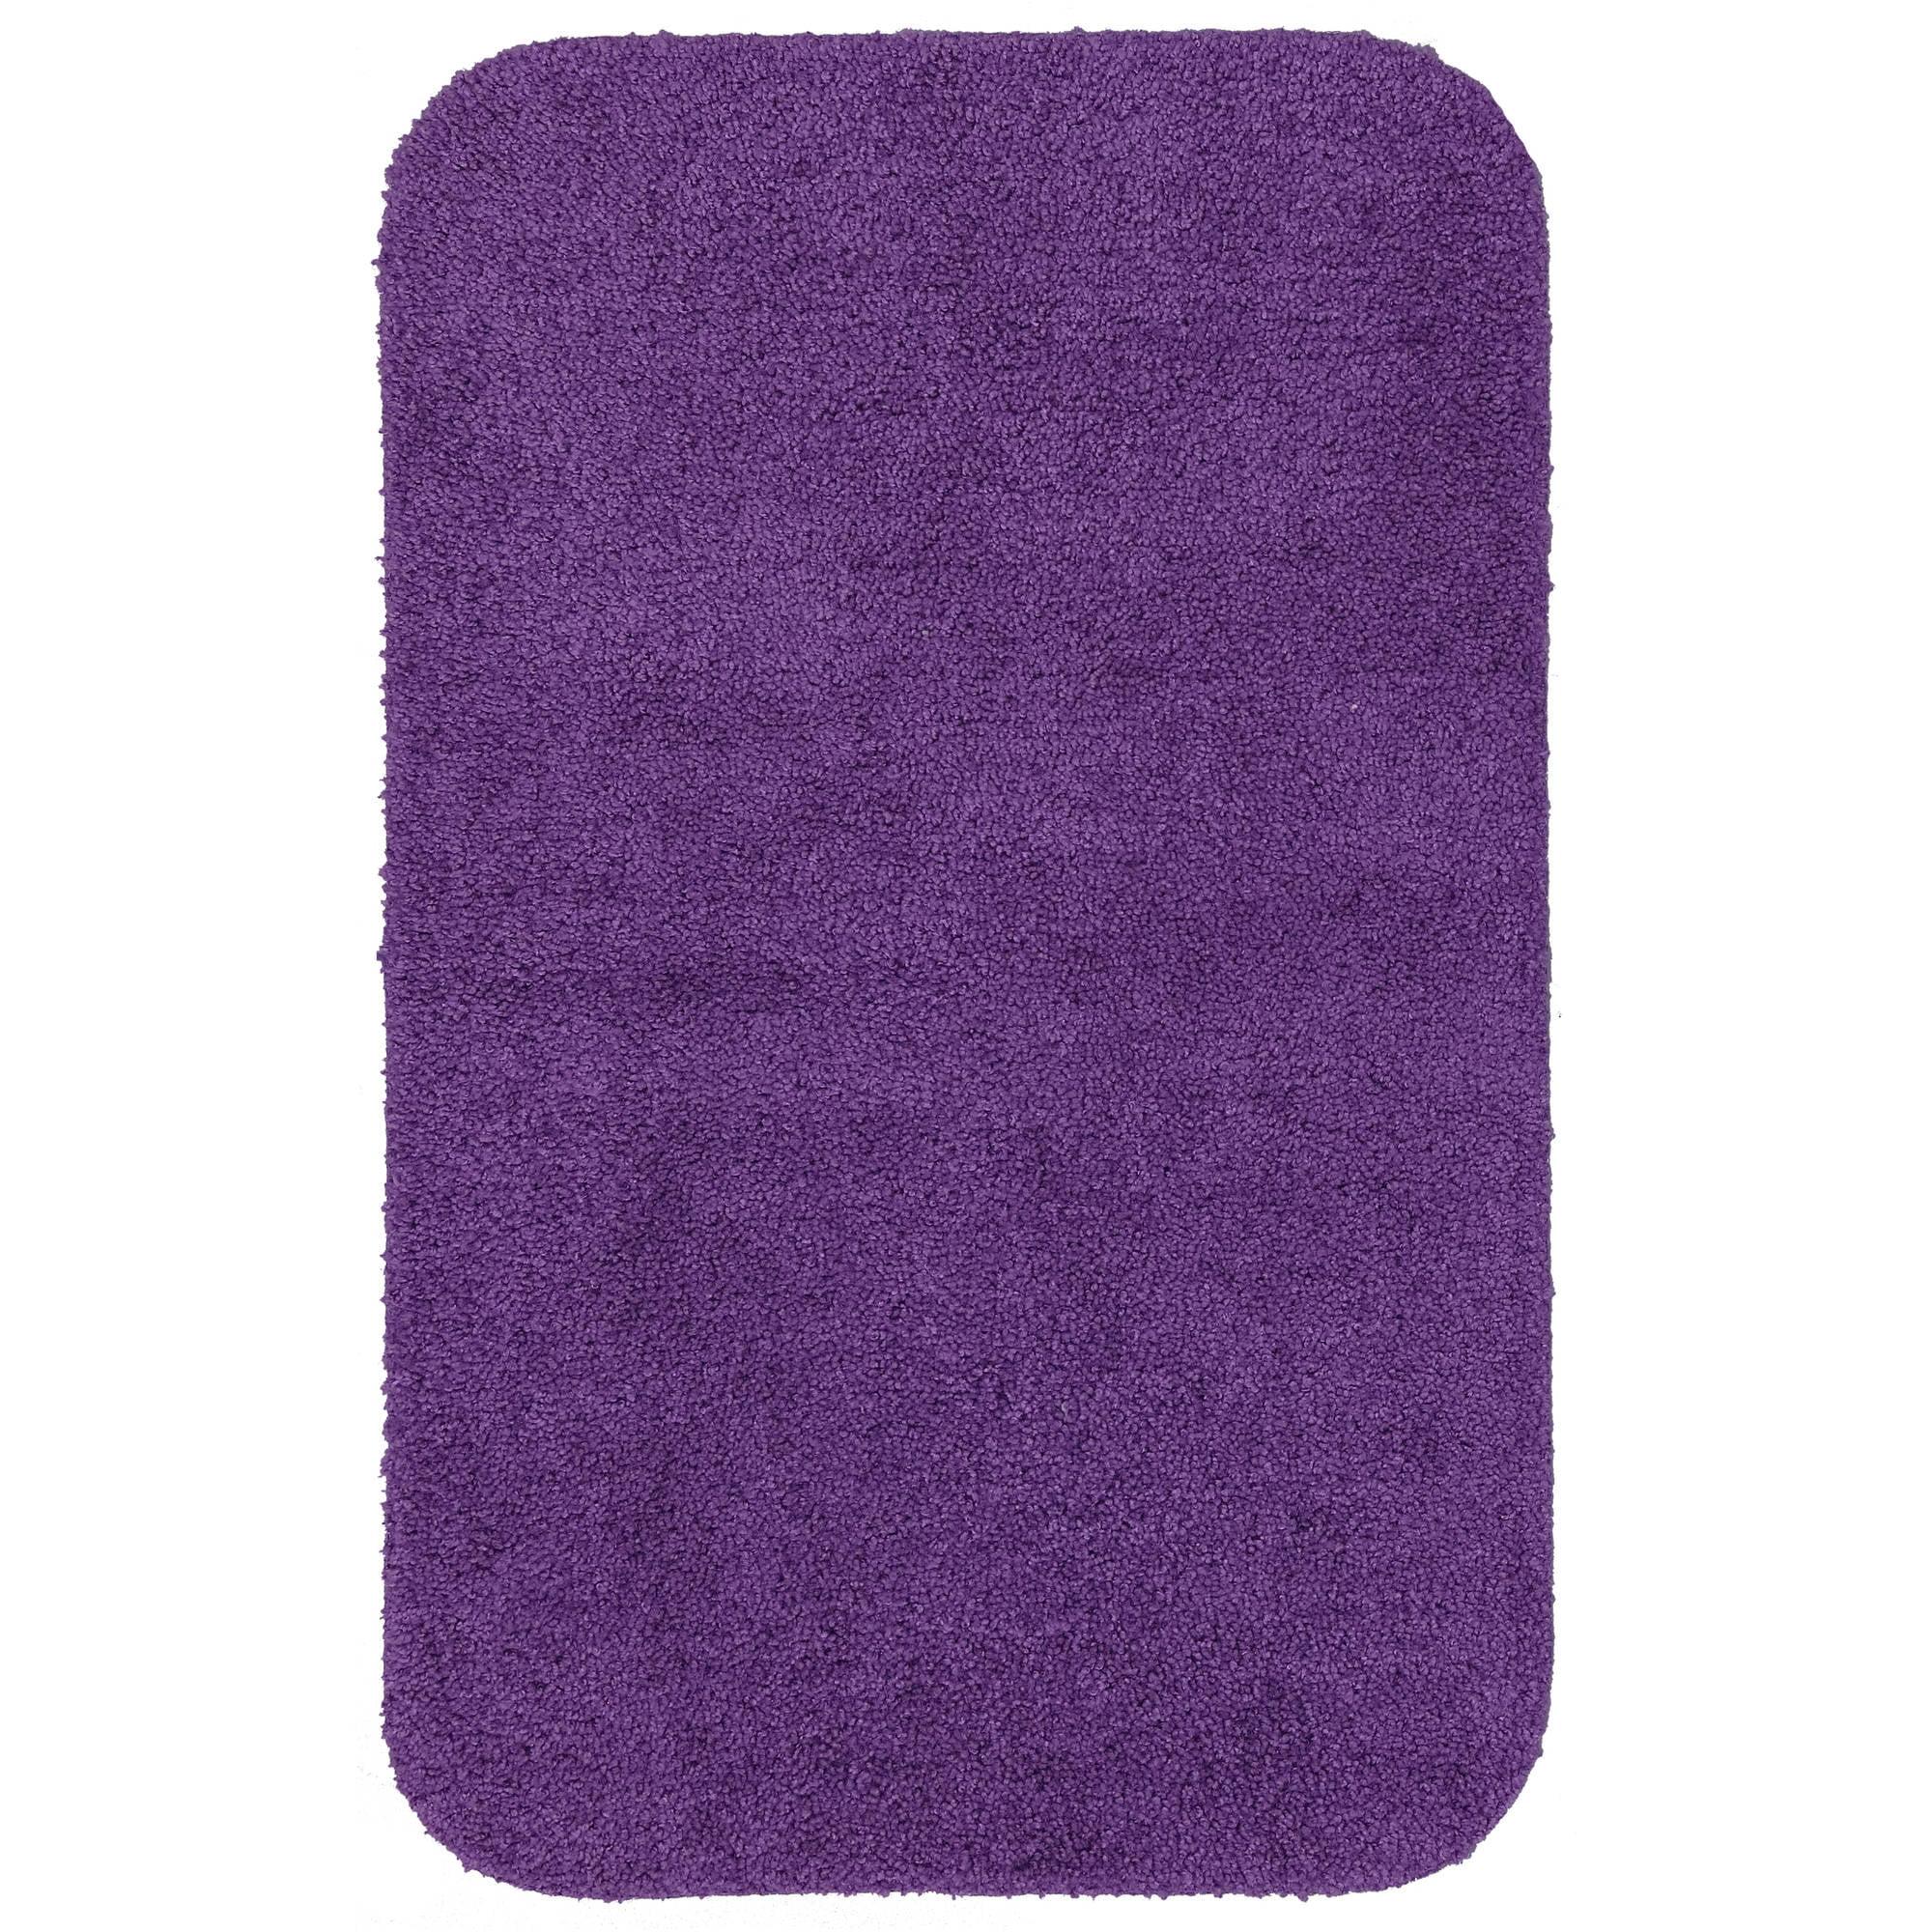 Mainstays Basic Bath Rug, Solid